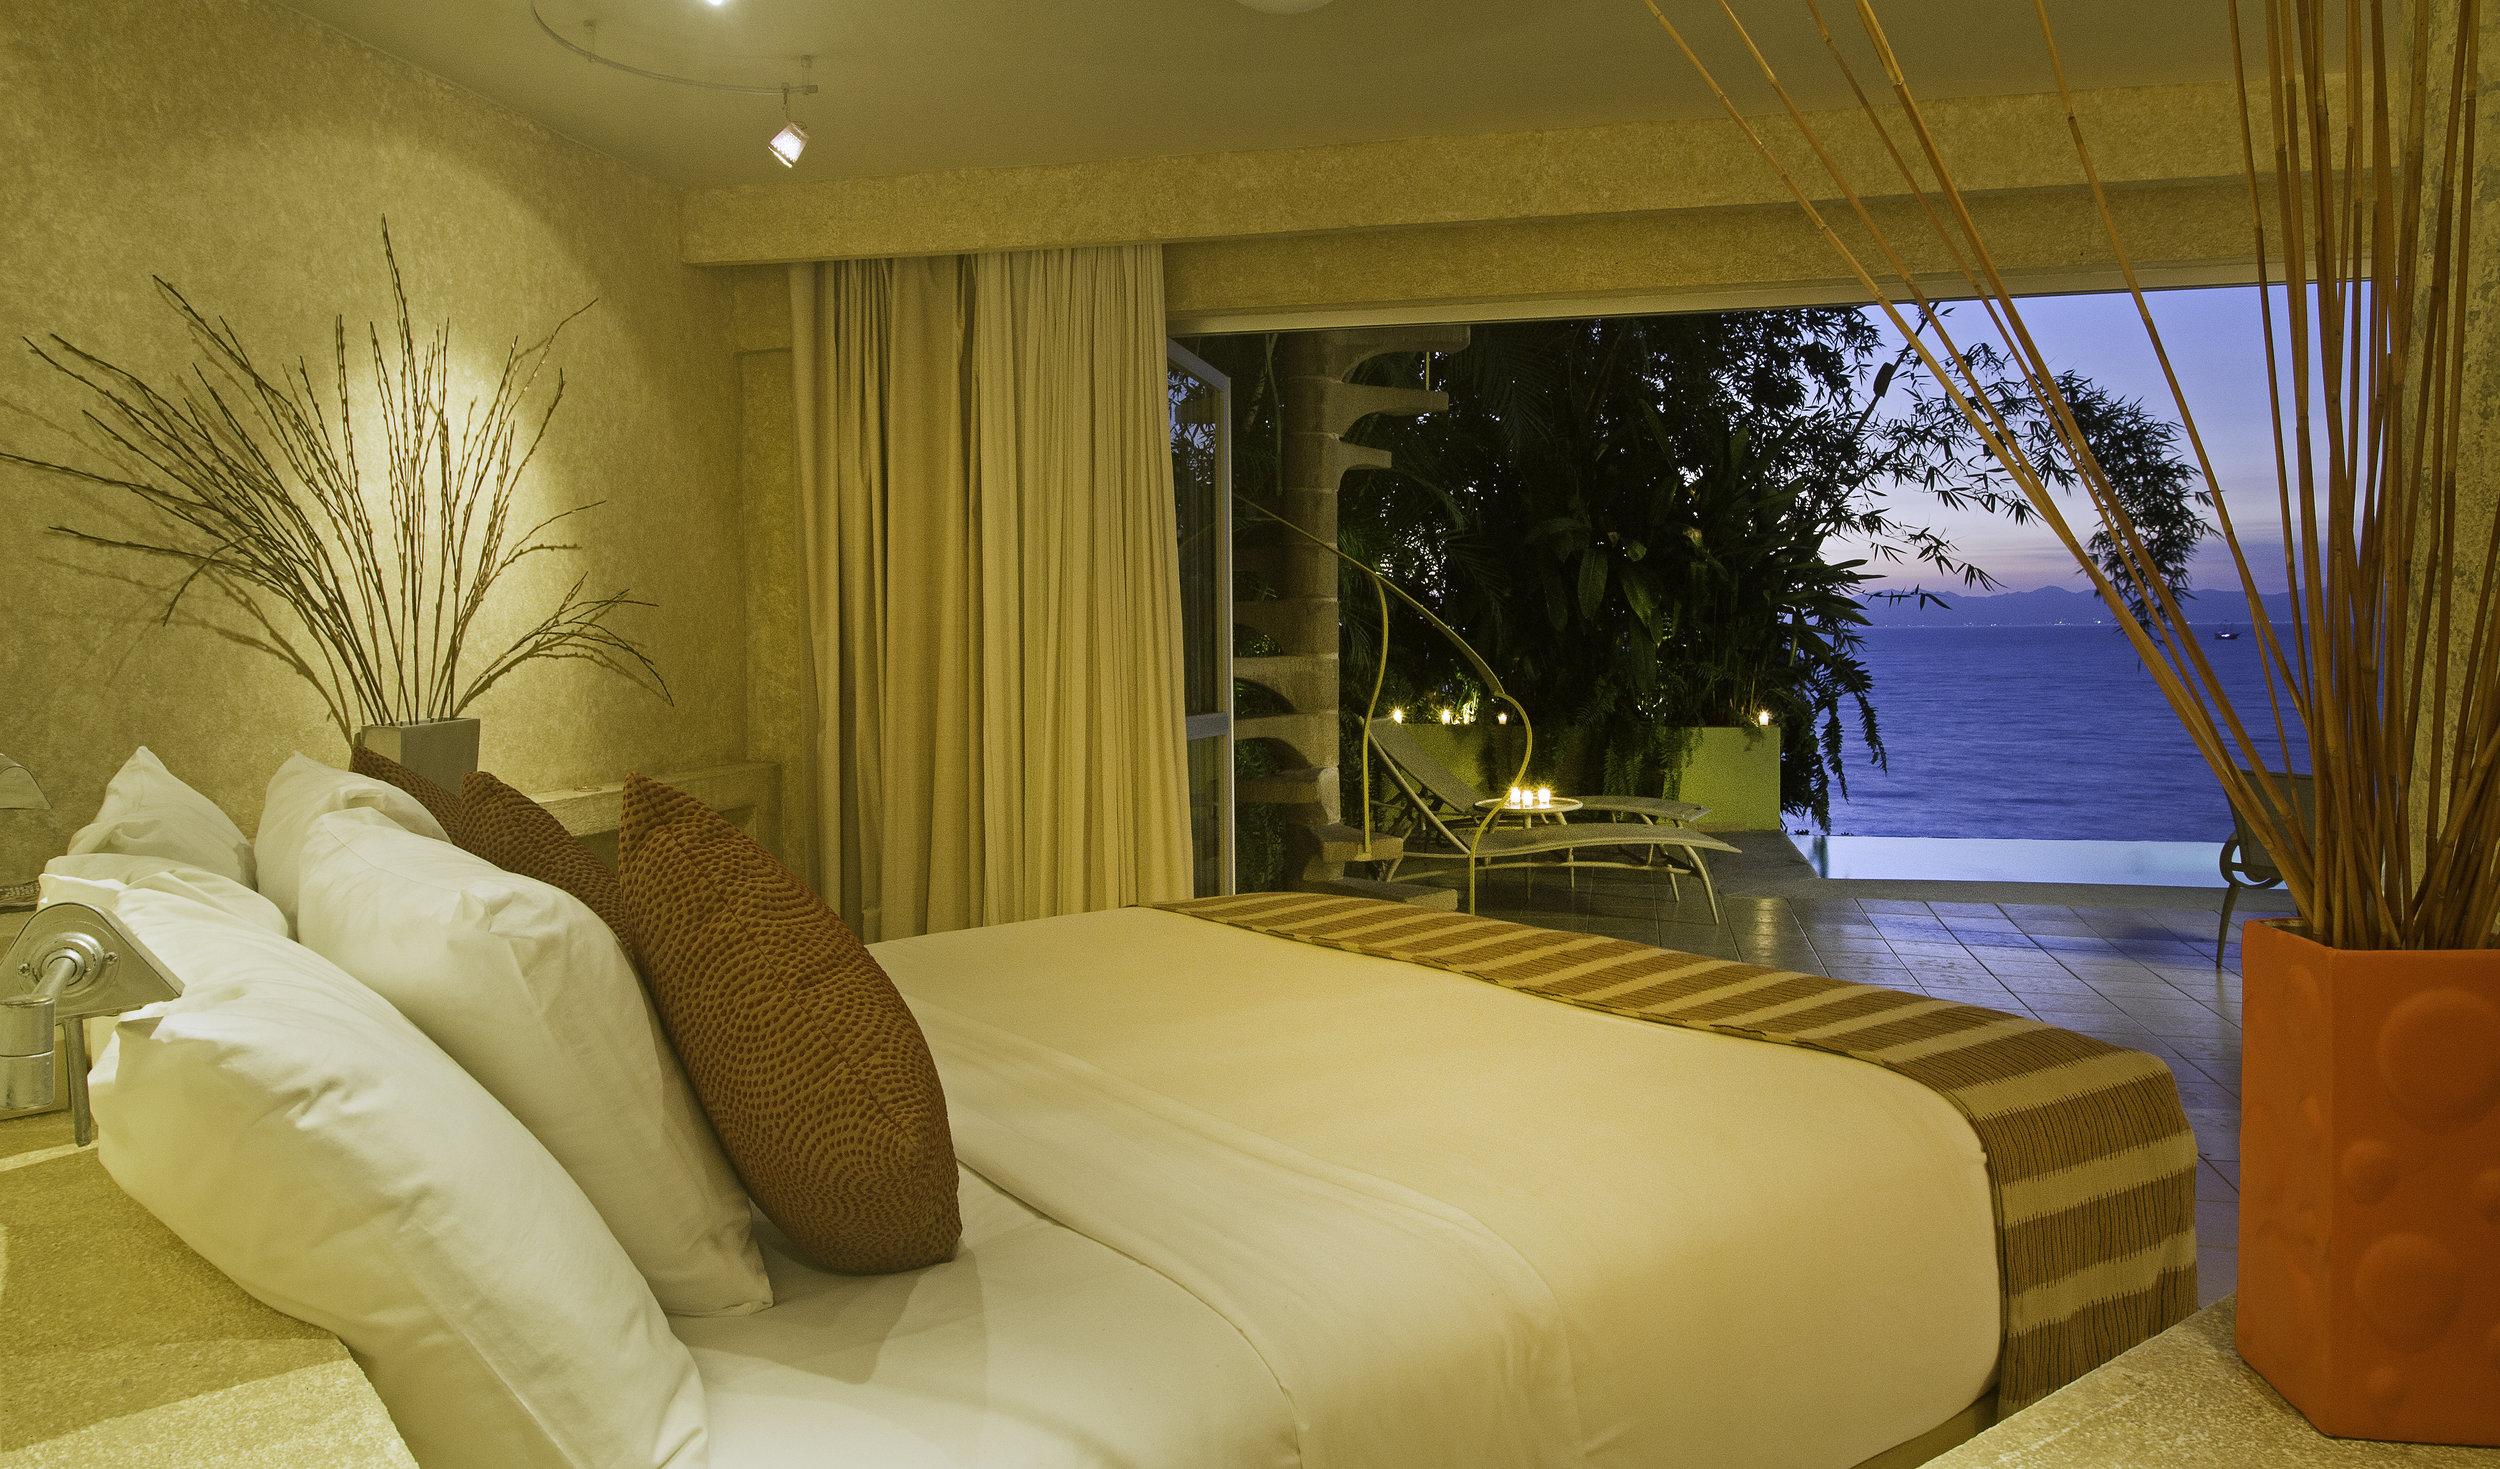 Vacation Vallarta Beachouse Bed